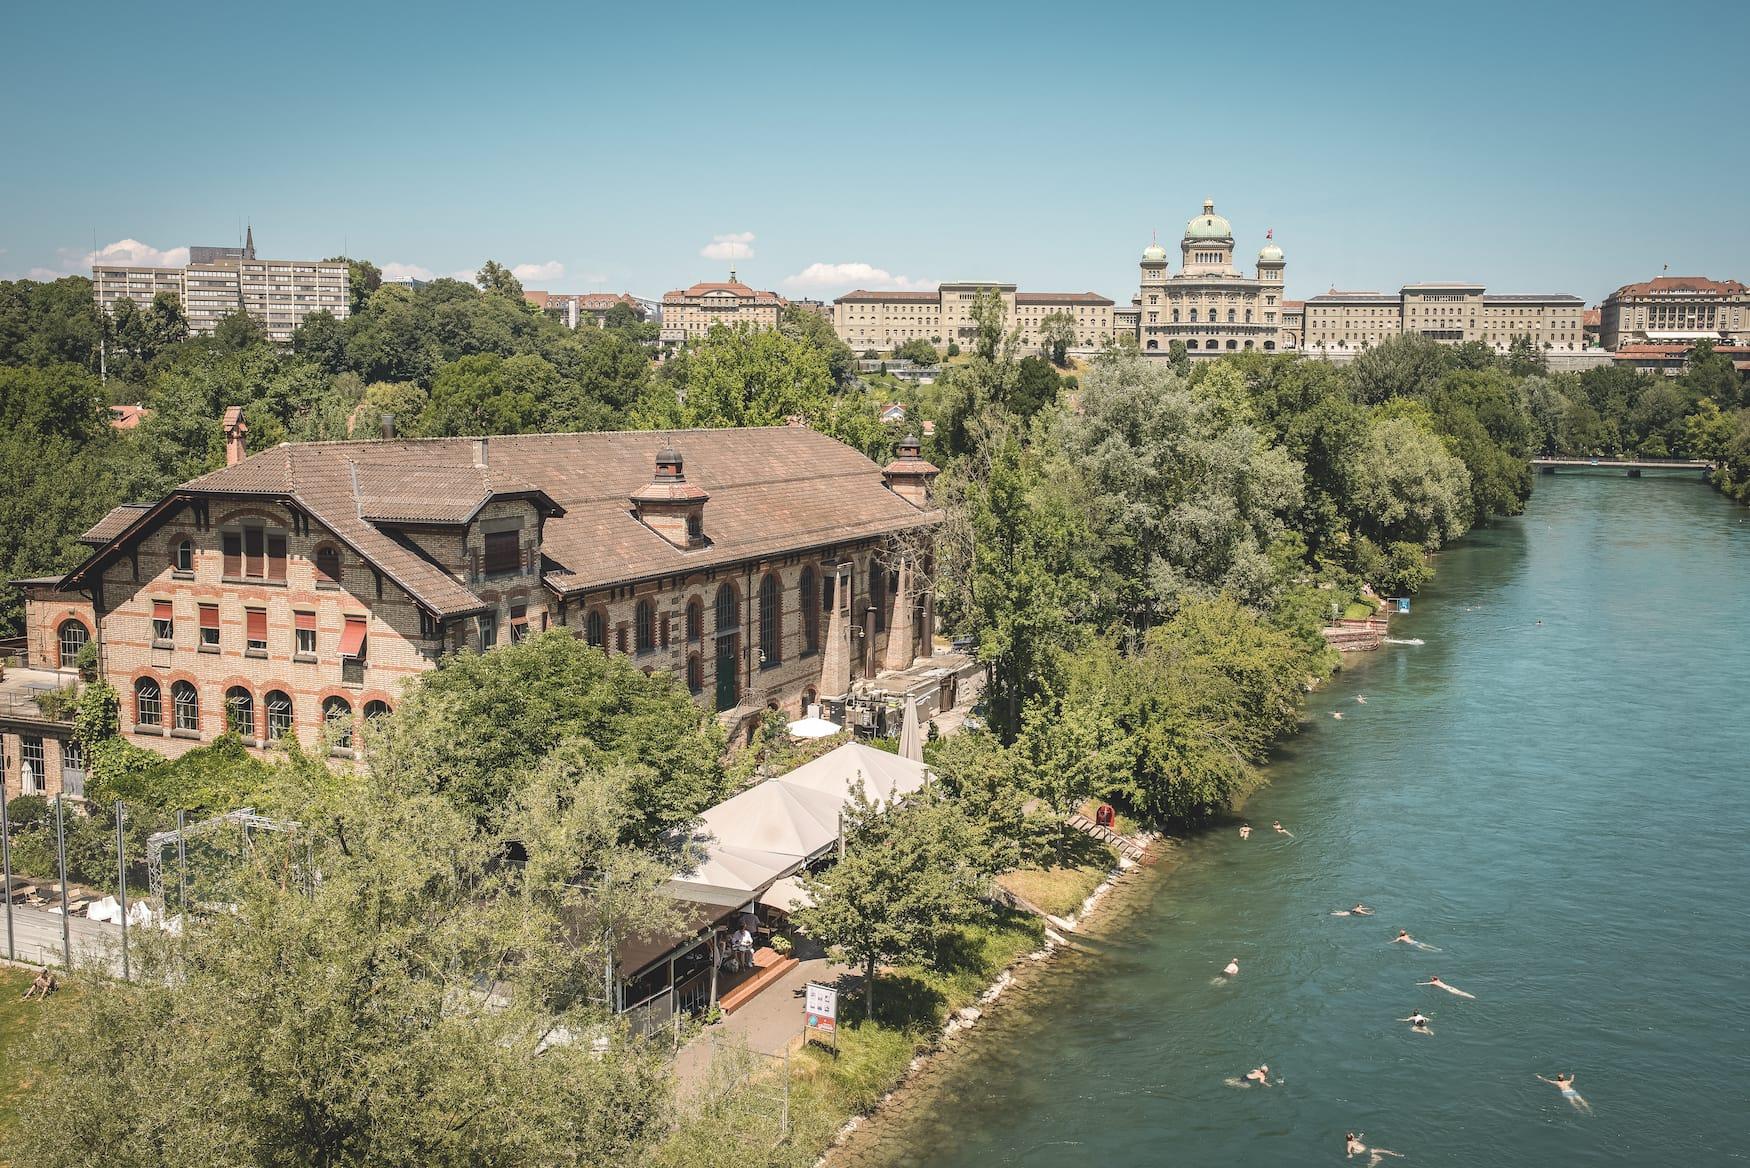 Schwimmen in der Aare in Bern mit dem Bundeshaus im Hintergrund